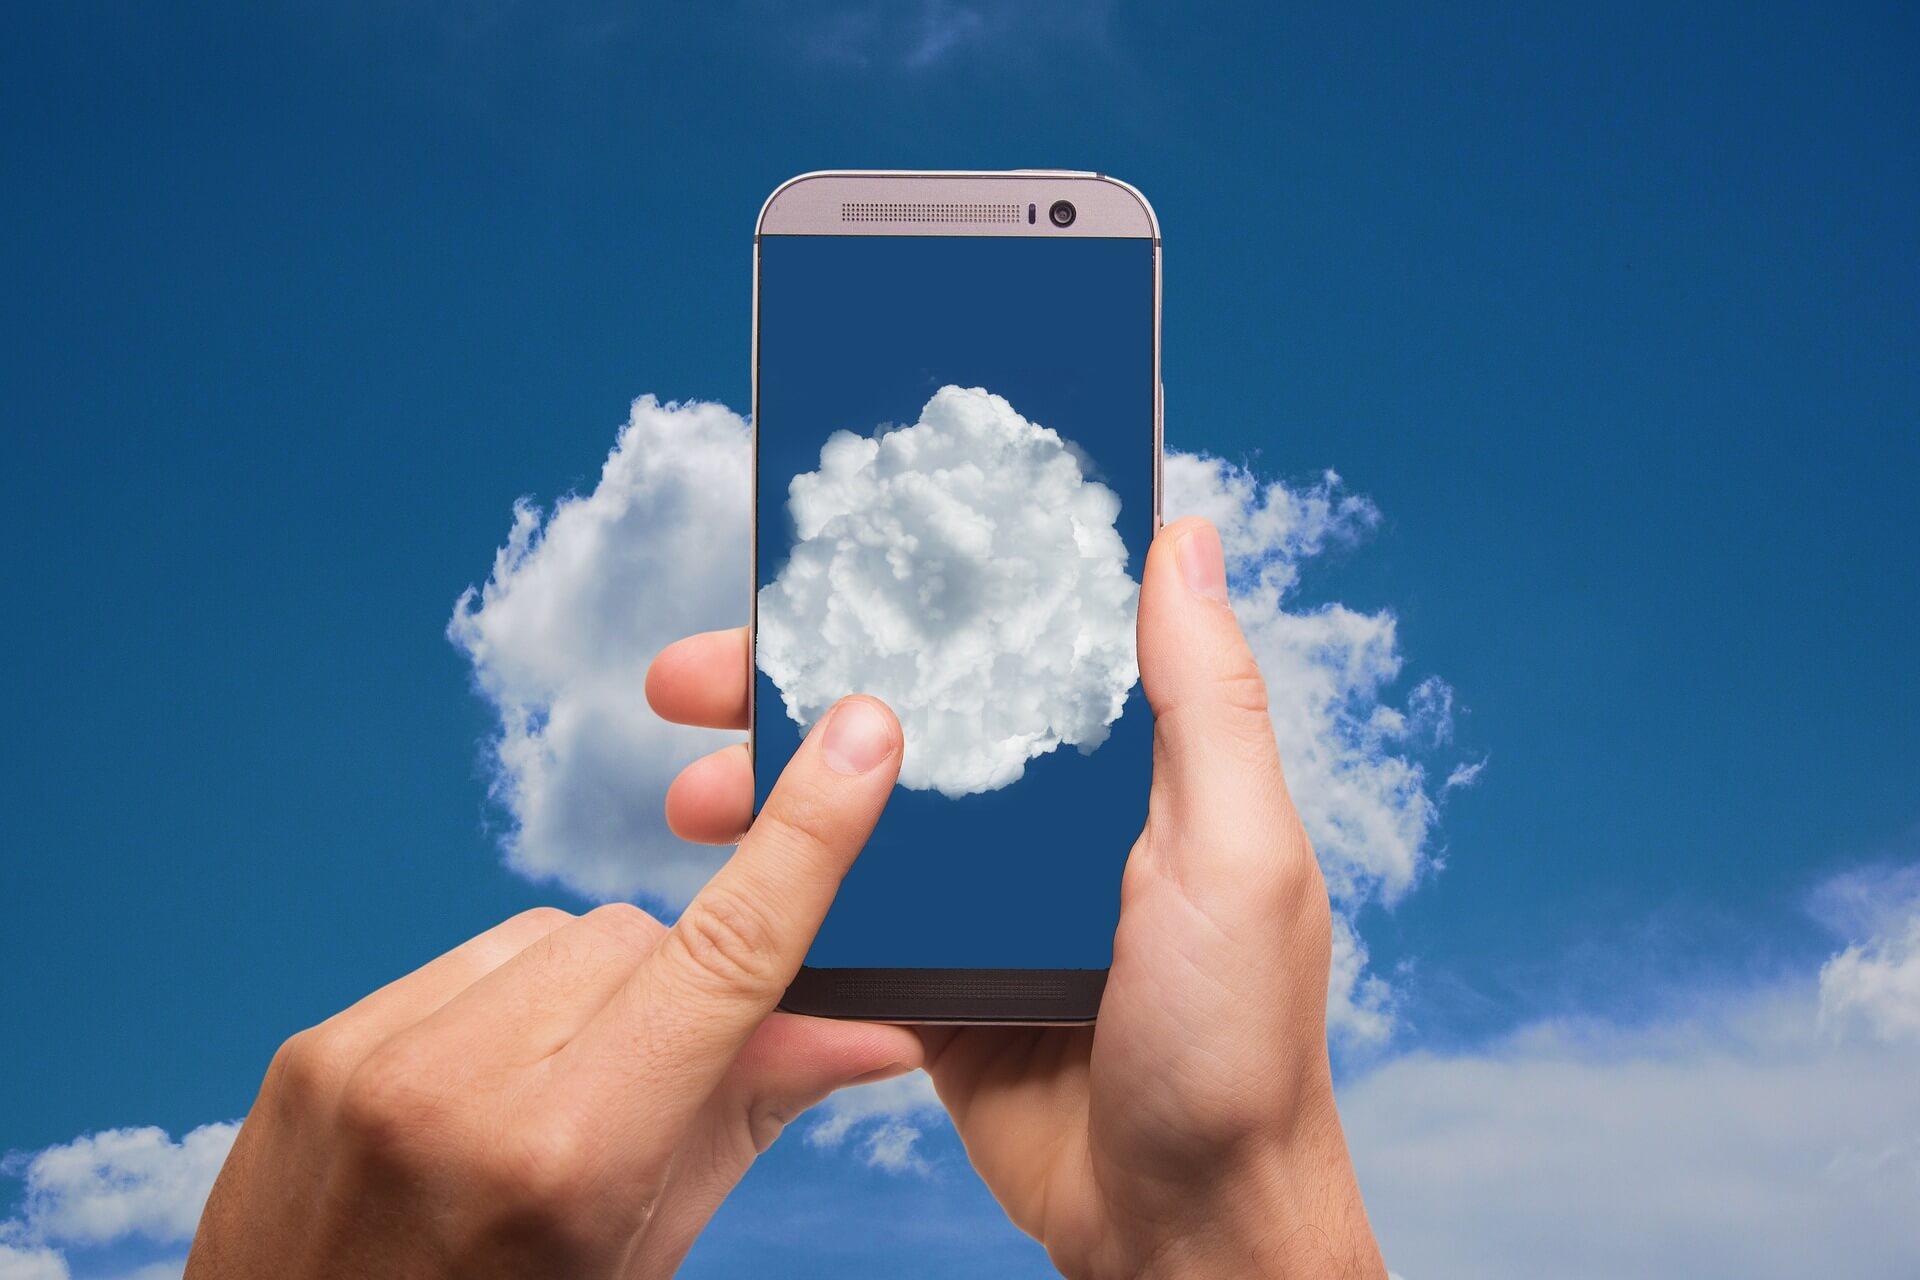 La gran mayoria de las herramientas digitales que utilizammos, estan en la nube